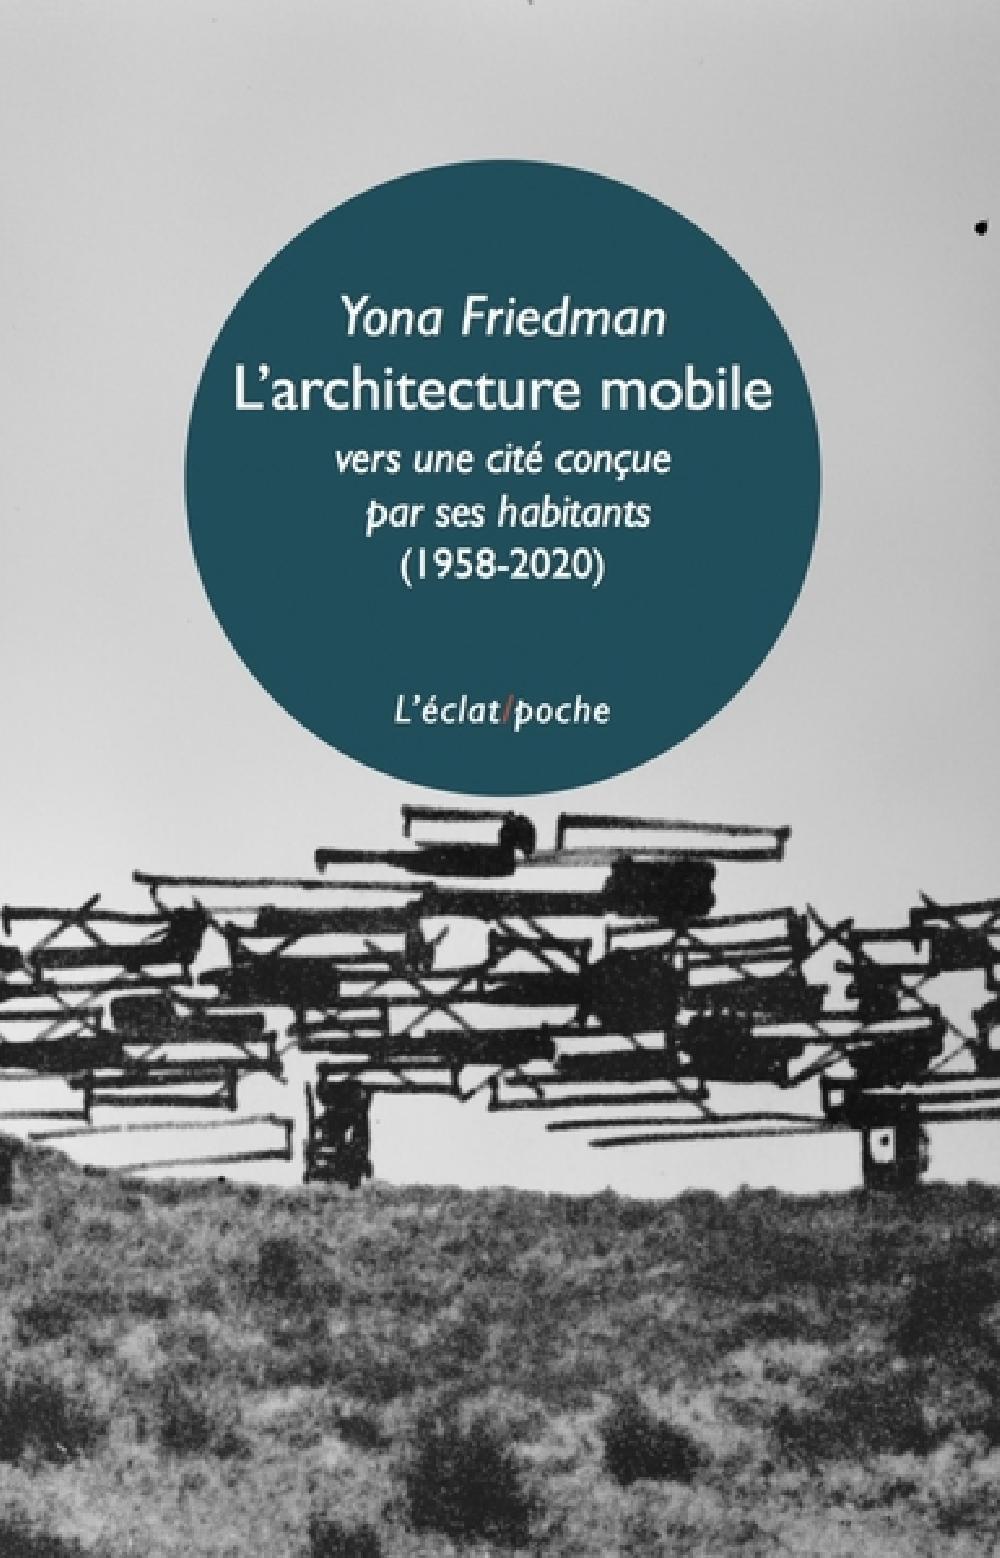 L'architecture mobile (1958-2020) - Vers une cité conçue par ses habitants eux-mêmes